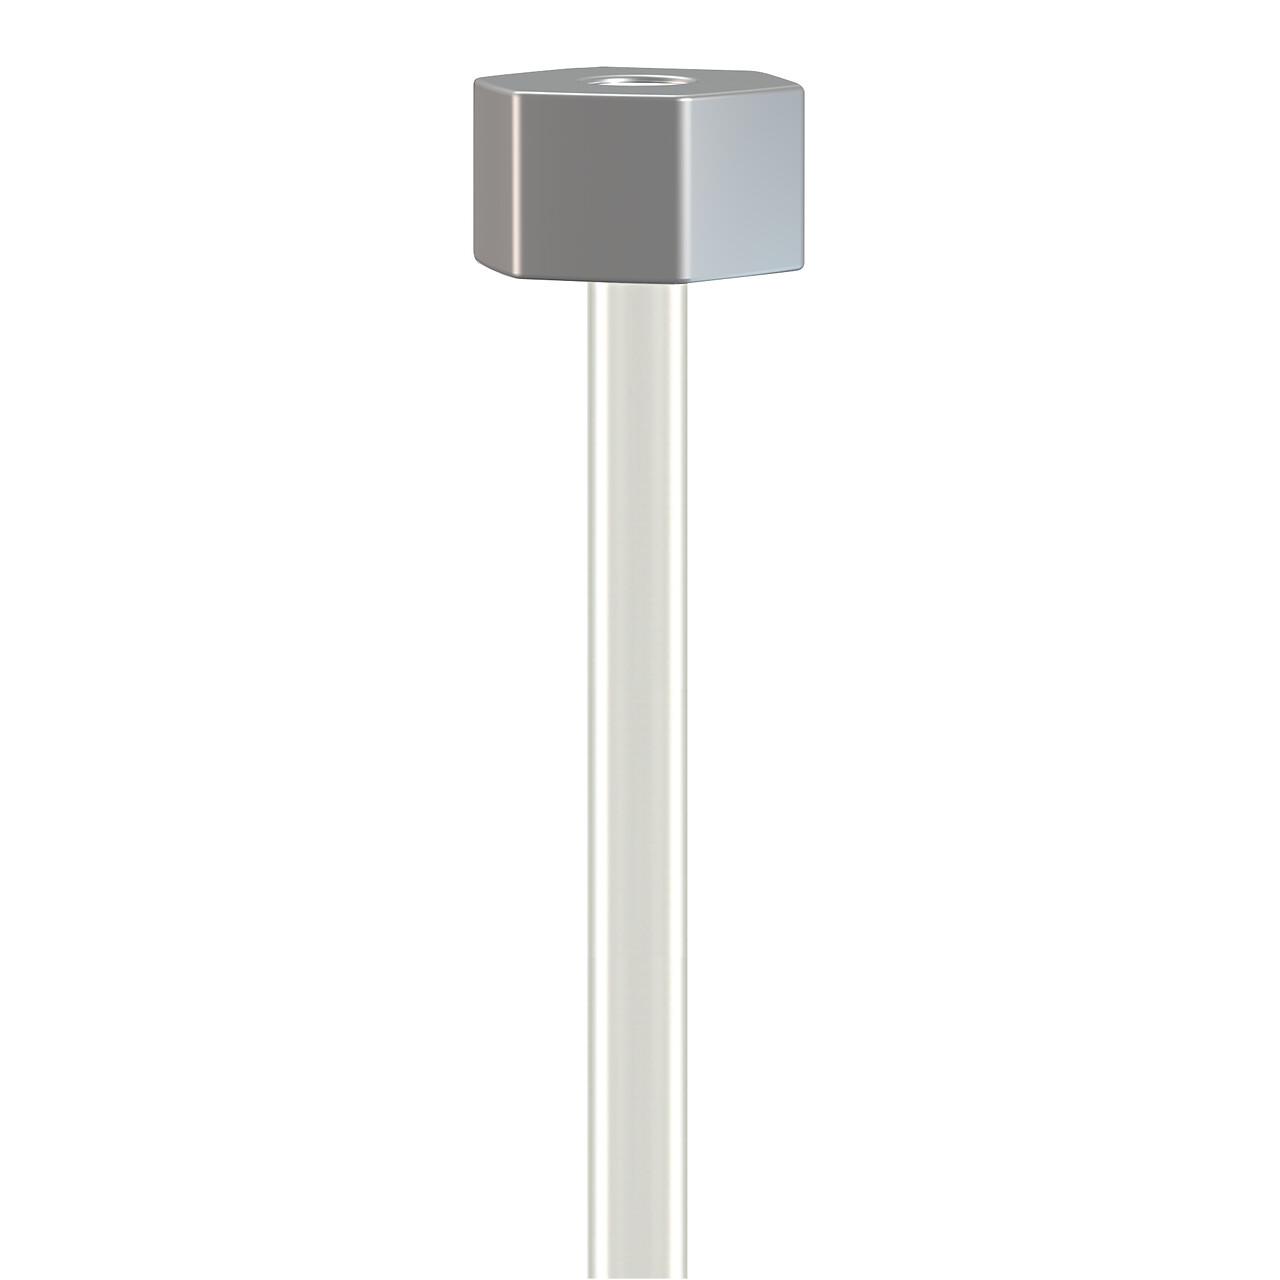 Lot de 10 câbles perlon Slider - Câbles transparents pour accrochage et affichage suspendu